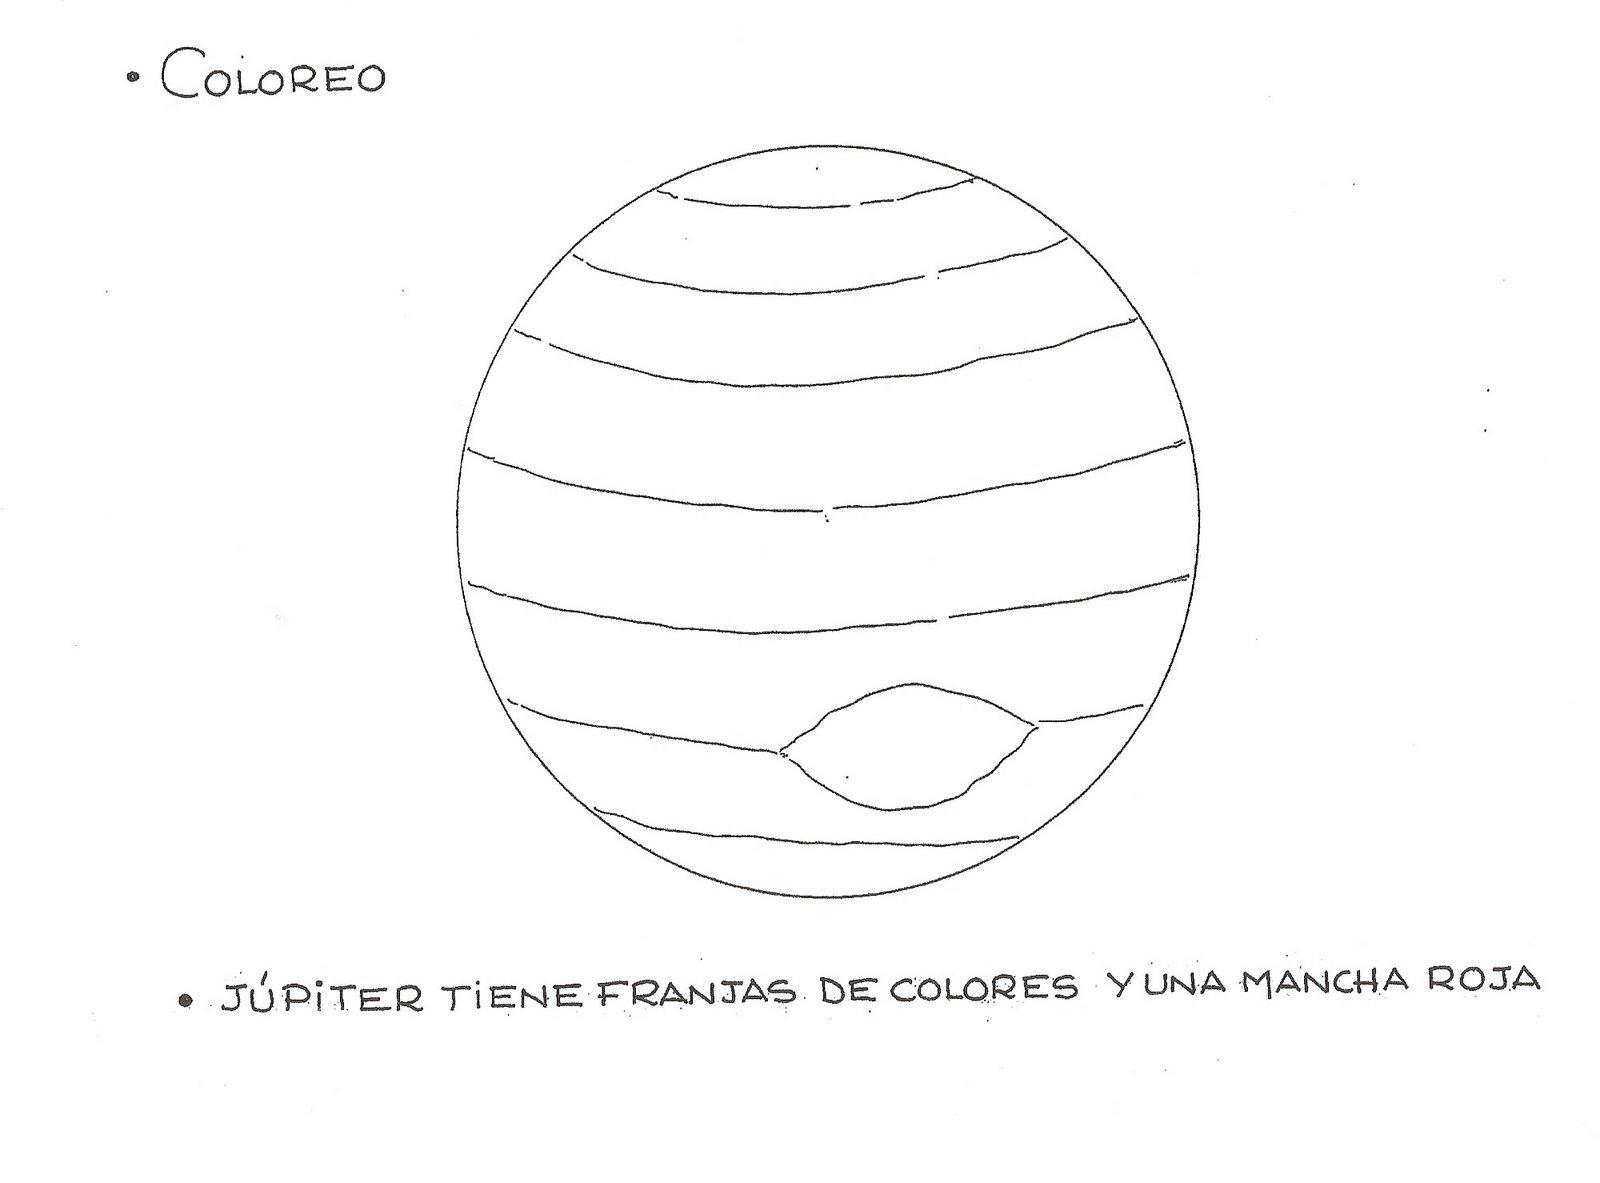 Dibujos De Planetas Para Colorear. Amazing Dibujos De Planetas Para ...